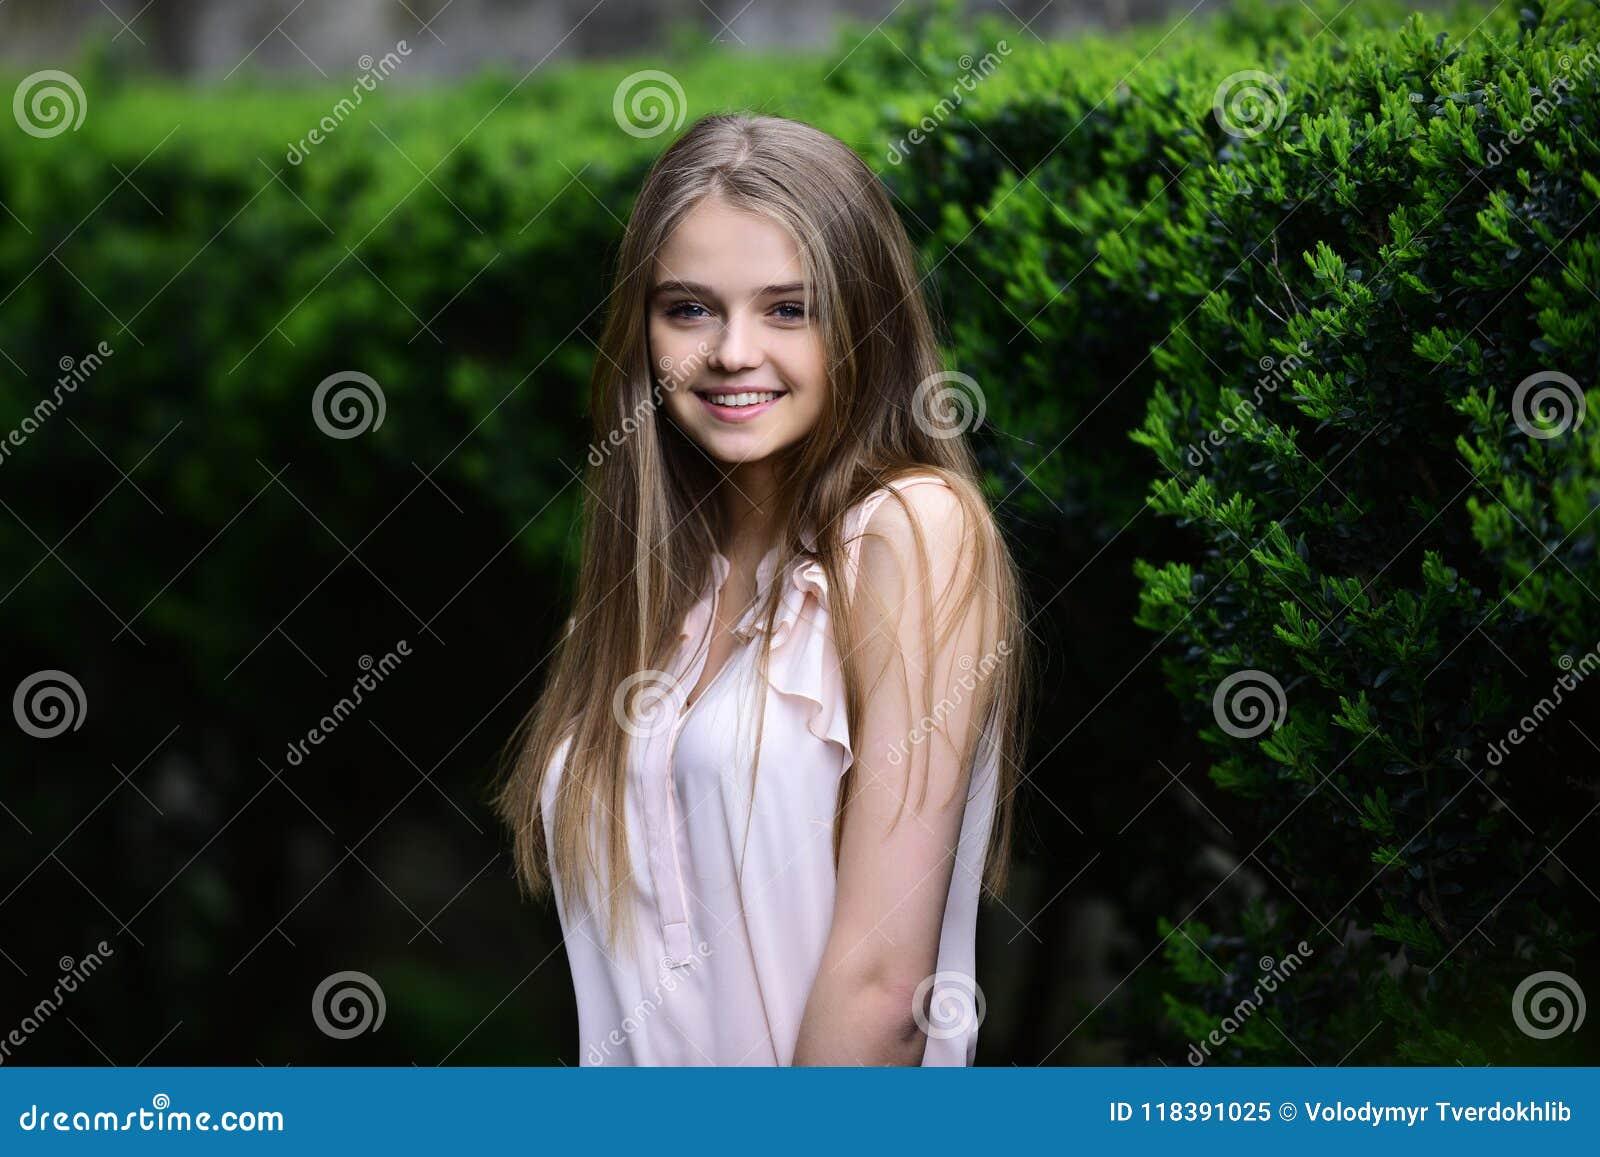 βλέμμα του κοριτσιού κοντά στις πράσινες εγκαταστάσεις Καλοκαίρι ή μόδα και ομορφιά άνοιξης Κορίτσι στα περιστασιακά ενδύματα υπα